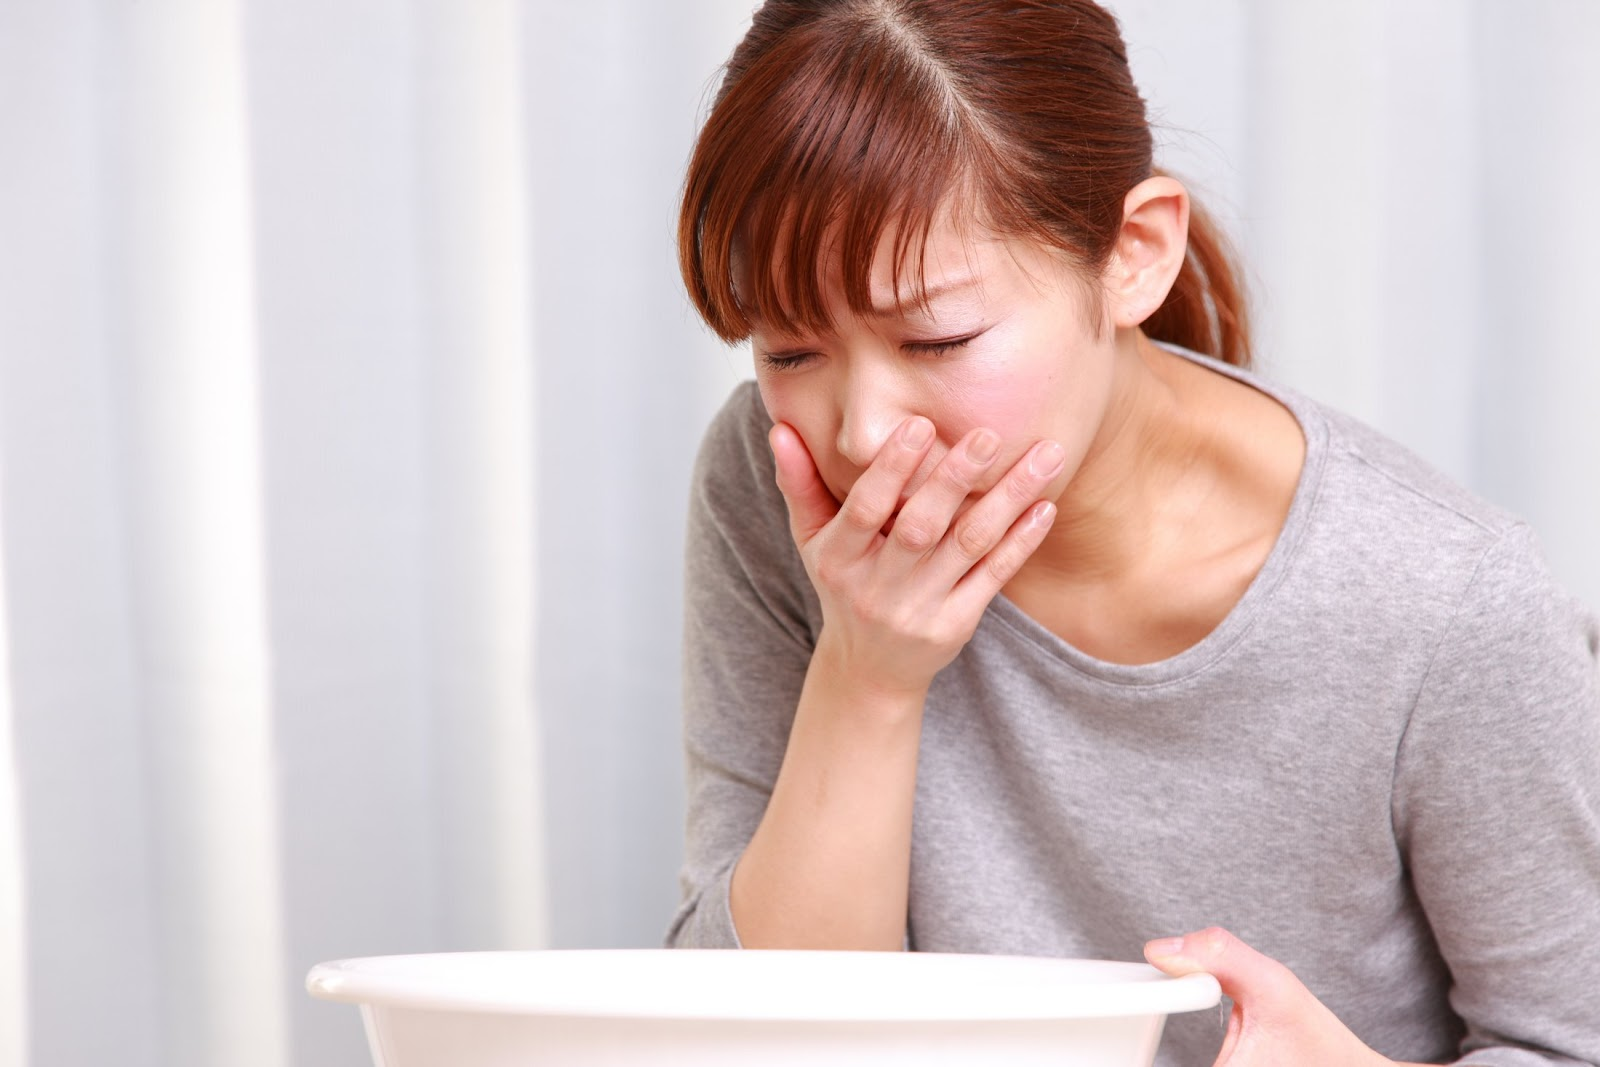 Khi bị ngộ độc thức phẩm thì buồn nôn chính là dấu hiệu thường gặp nhất